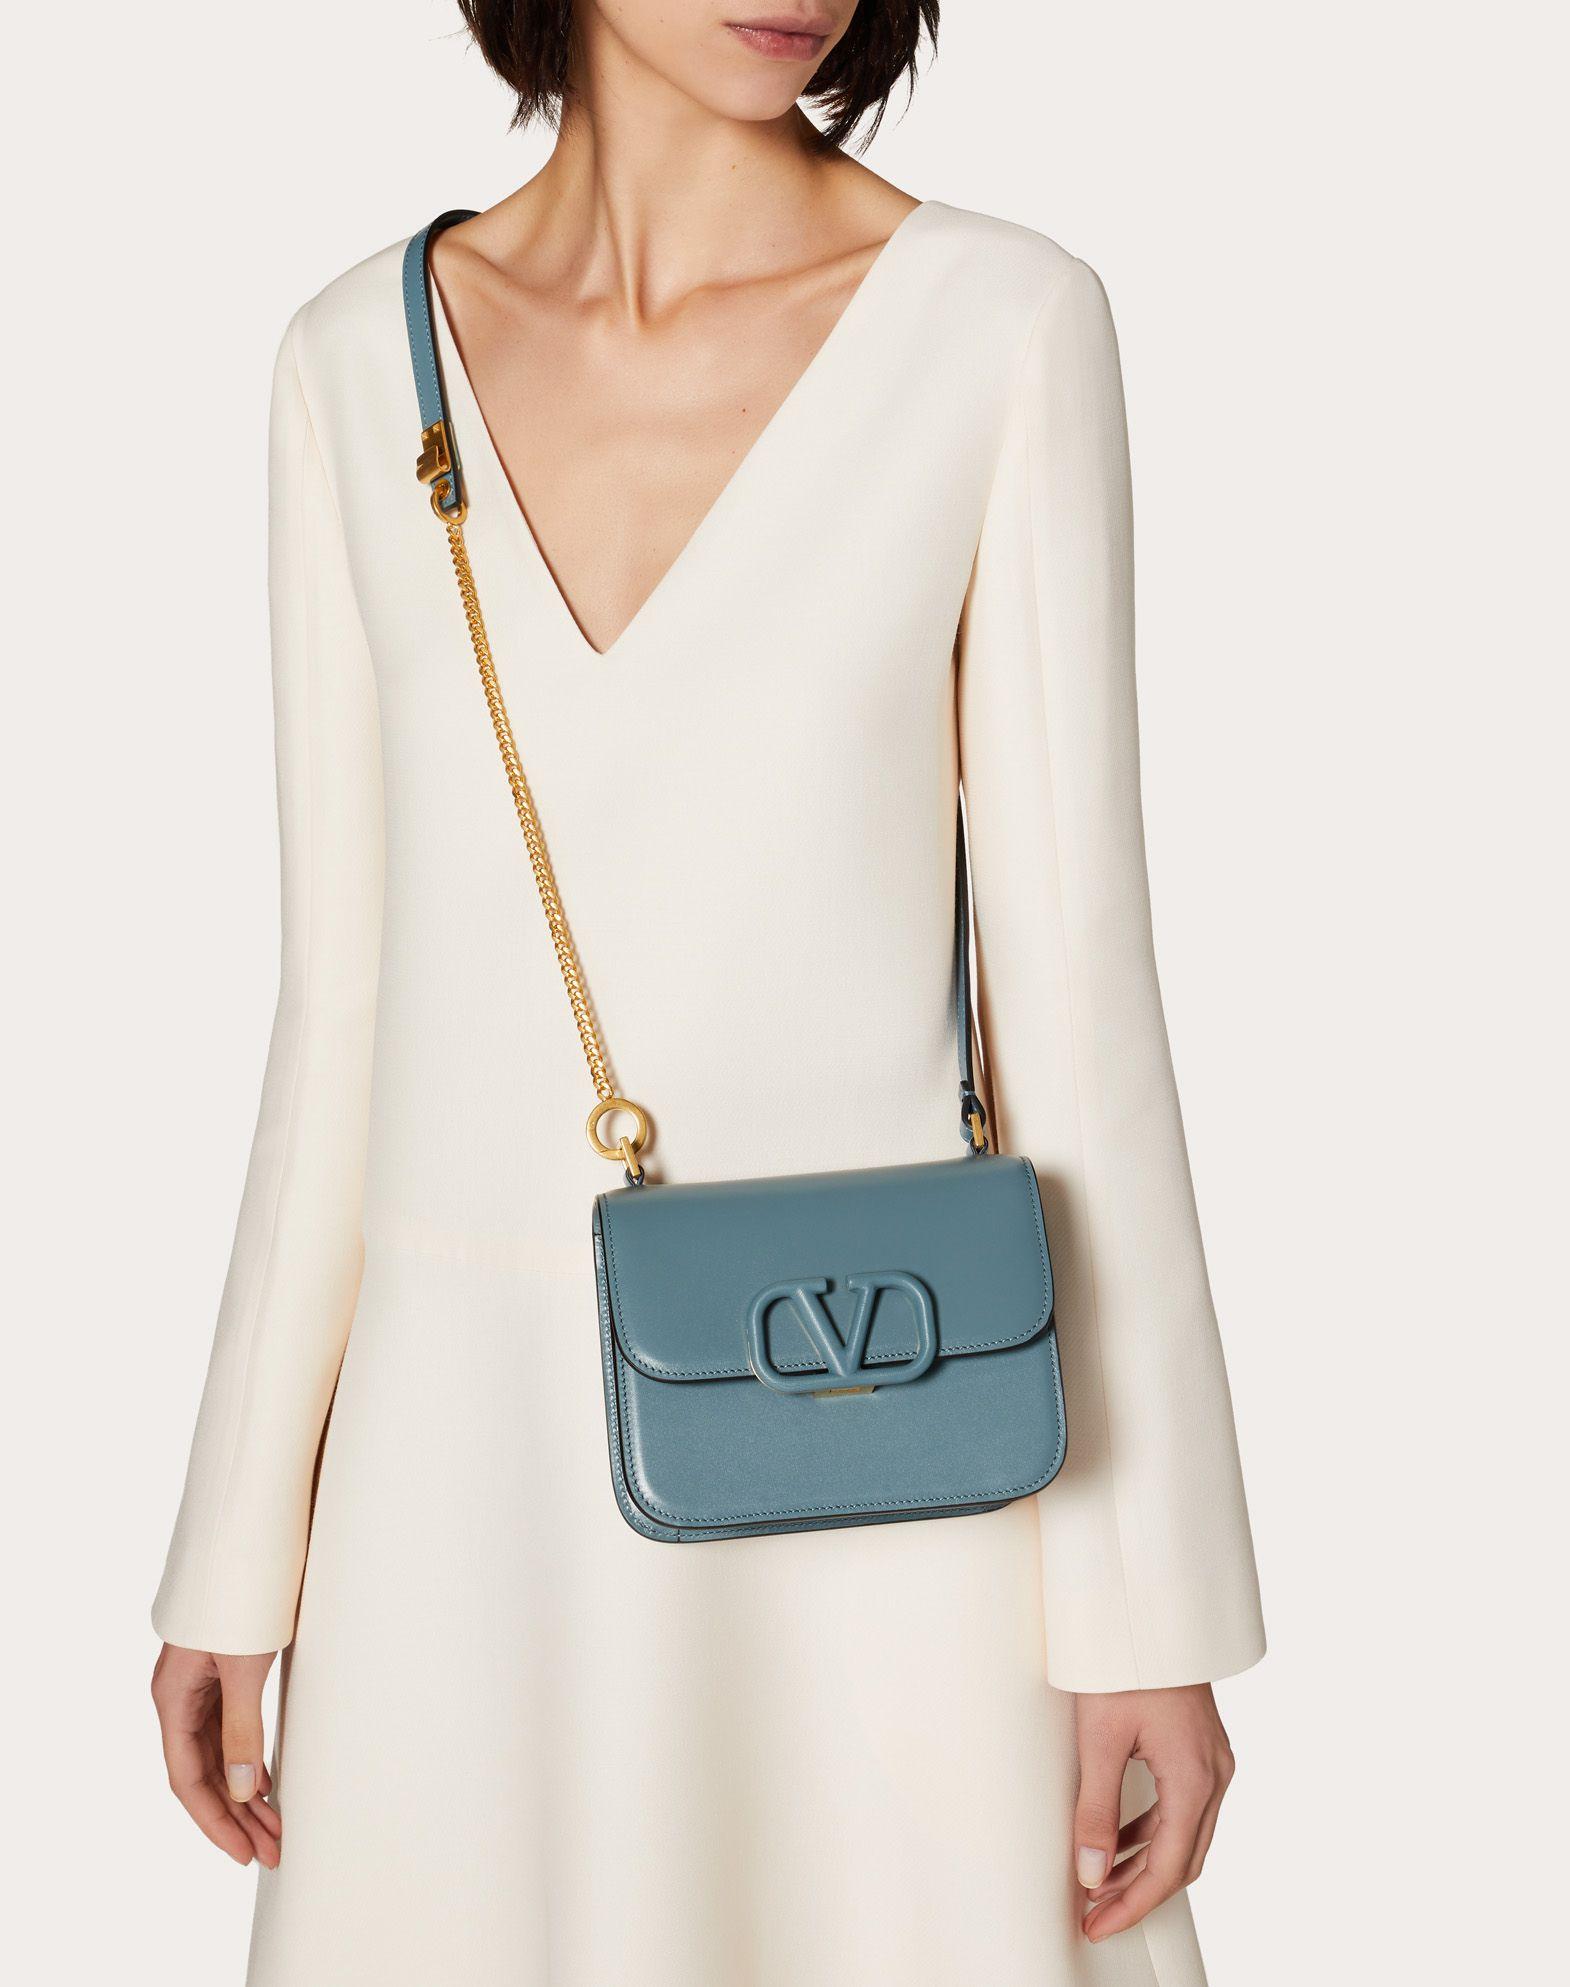 40代女性に人気の「VALENTINO(ヴァレンティノ)」ブランドバッグ